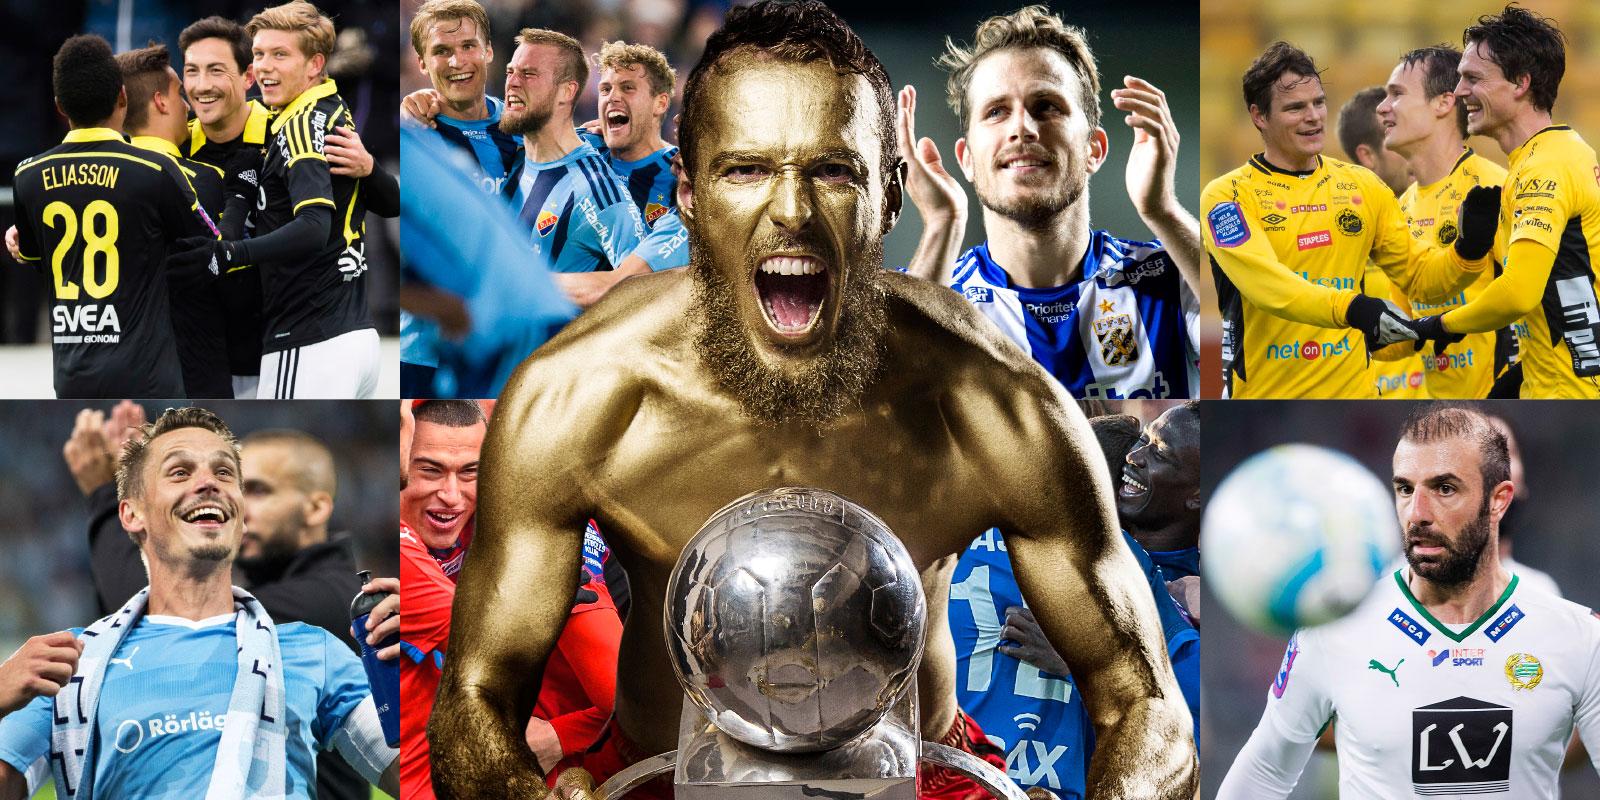 * Så rankar Sportbladet allsvenska lagen * Läget i lagen * Betyg * Expertarnas dom